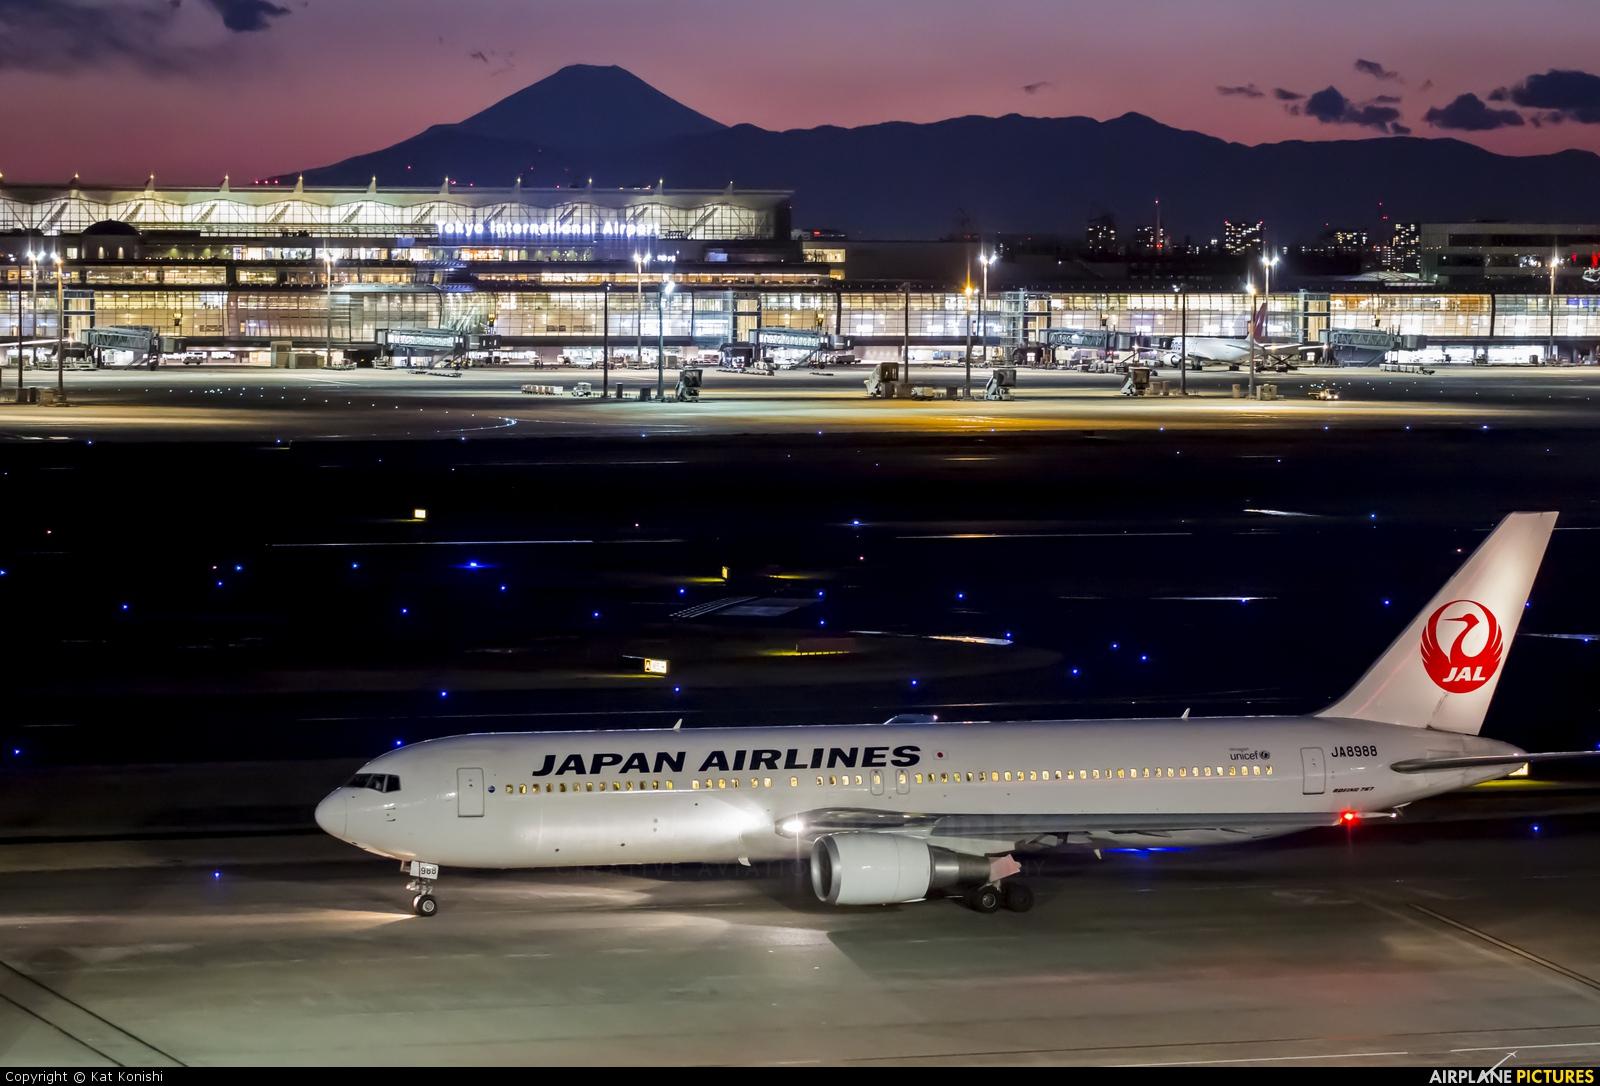 JAL - Japan Airlines JA8988 aircraft at Tokyo - Haneda Intl